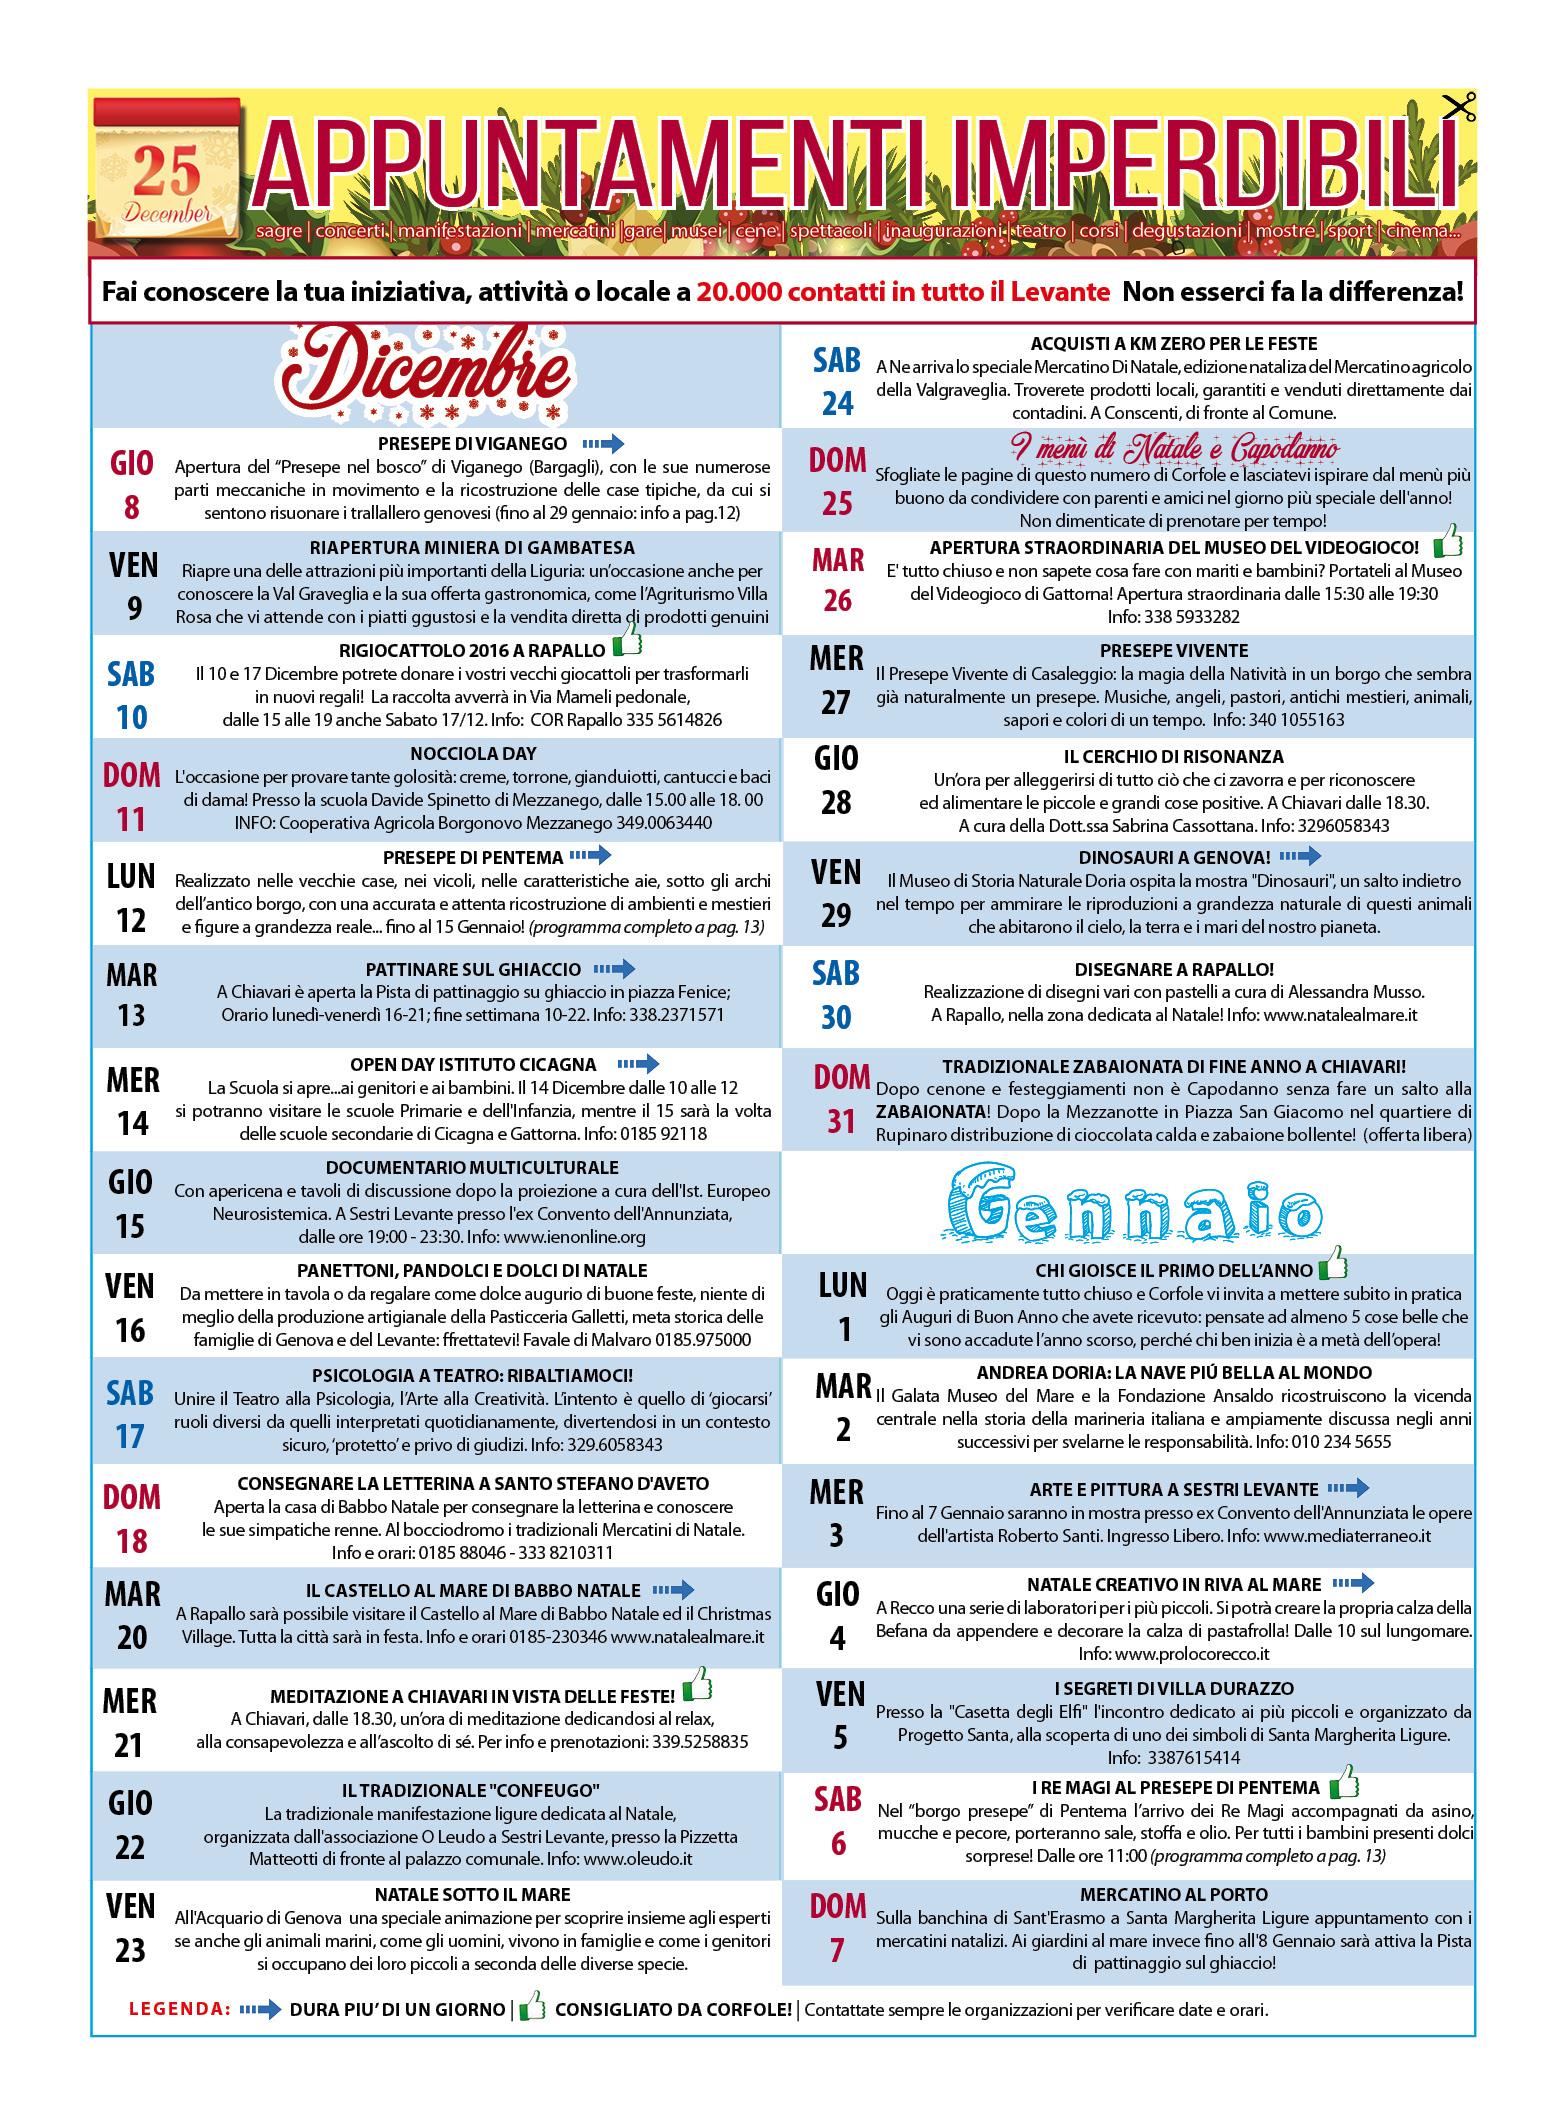 CALENDARIO EVENTI IMPERDIBILI DICEMBRE E GENNAIO! Sagre, mercatini, concerti, spettacoli, teatro, mostre, corsi e molto altro